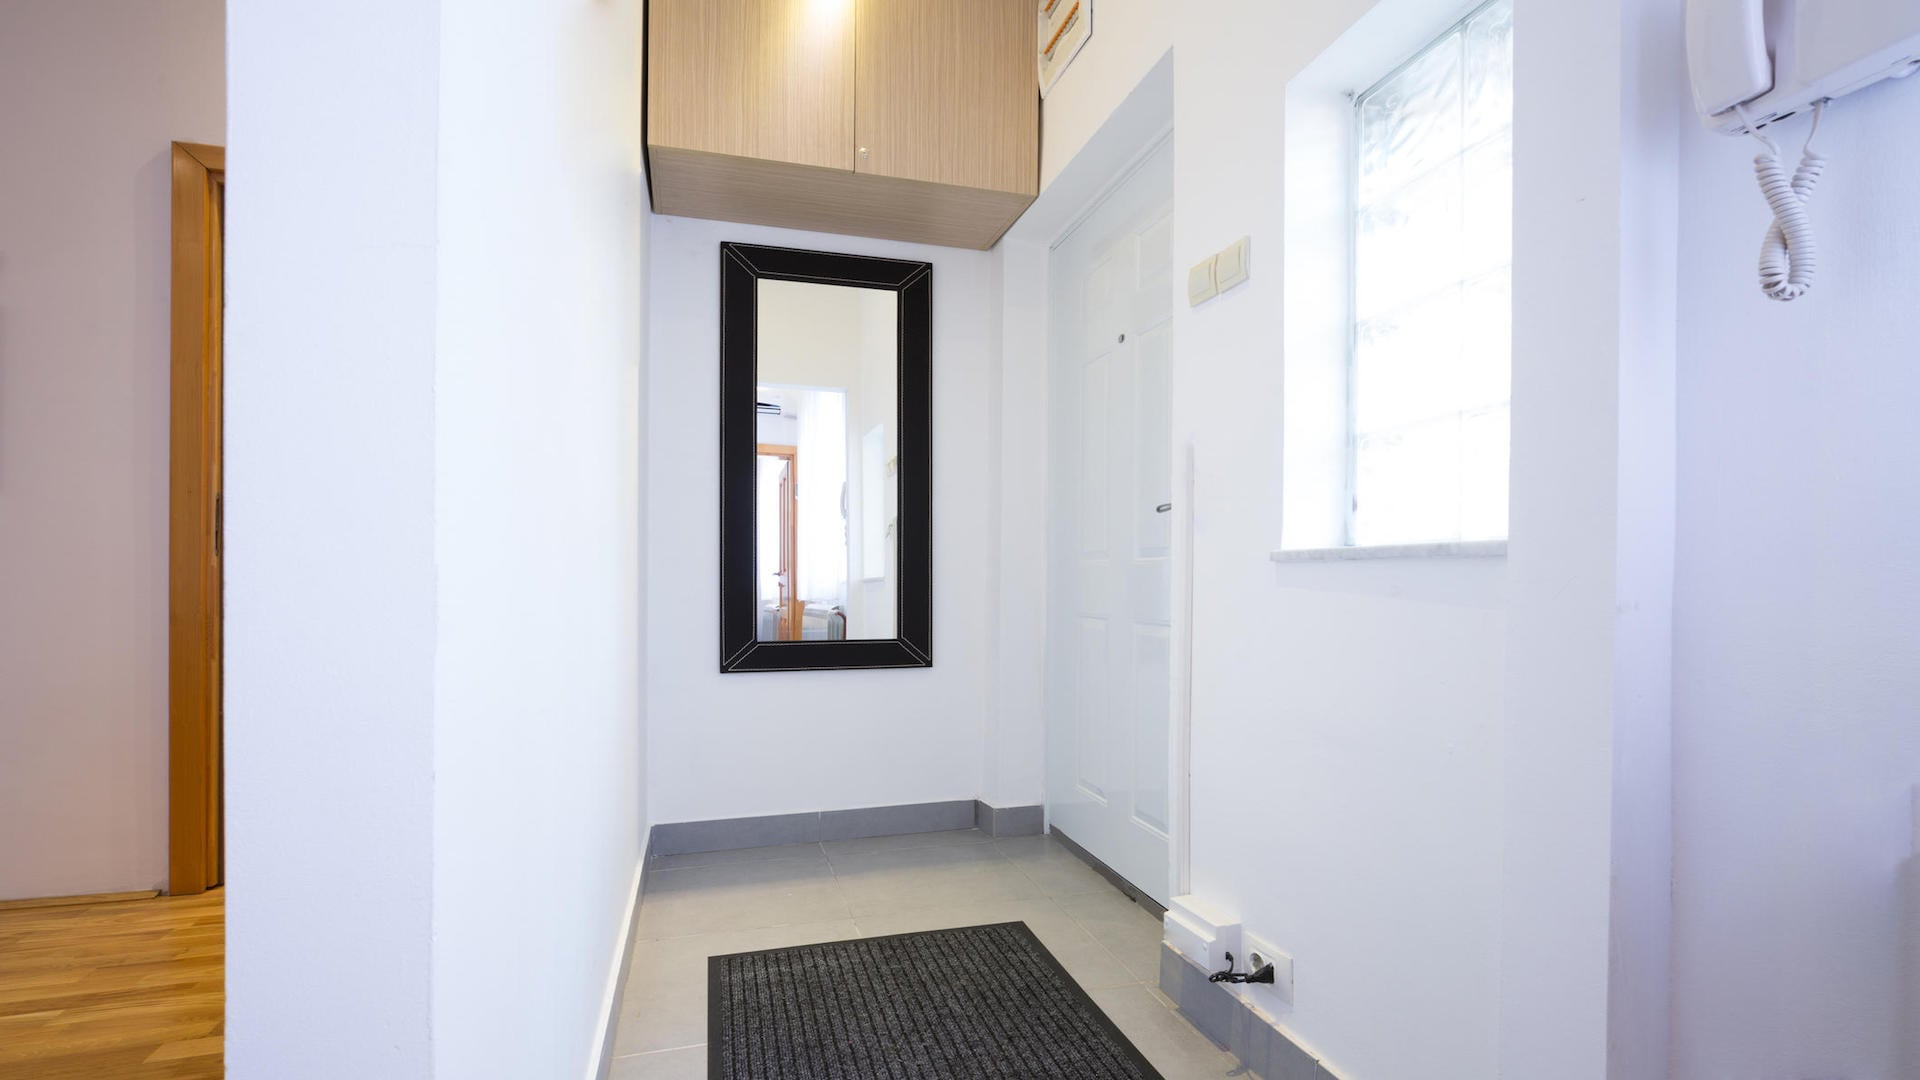 installation d 39 une minuterie devis et prix propos s par hellocasa izi by edf. Black Bedroom Furniture Sets. Home Design Ideas